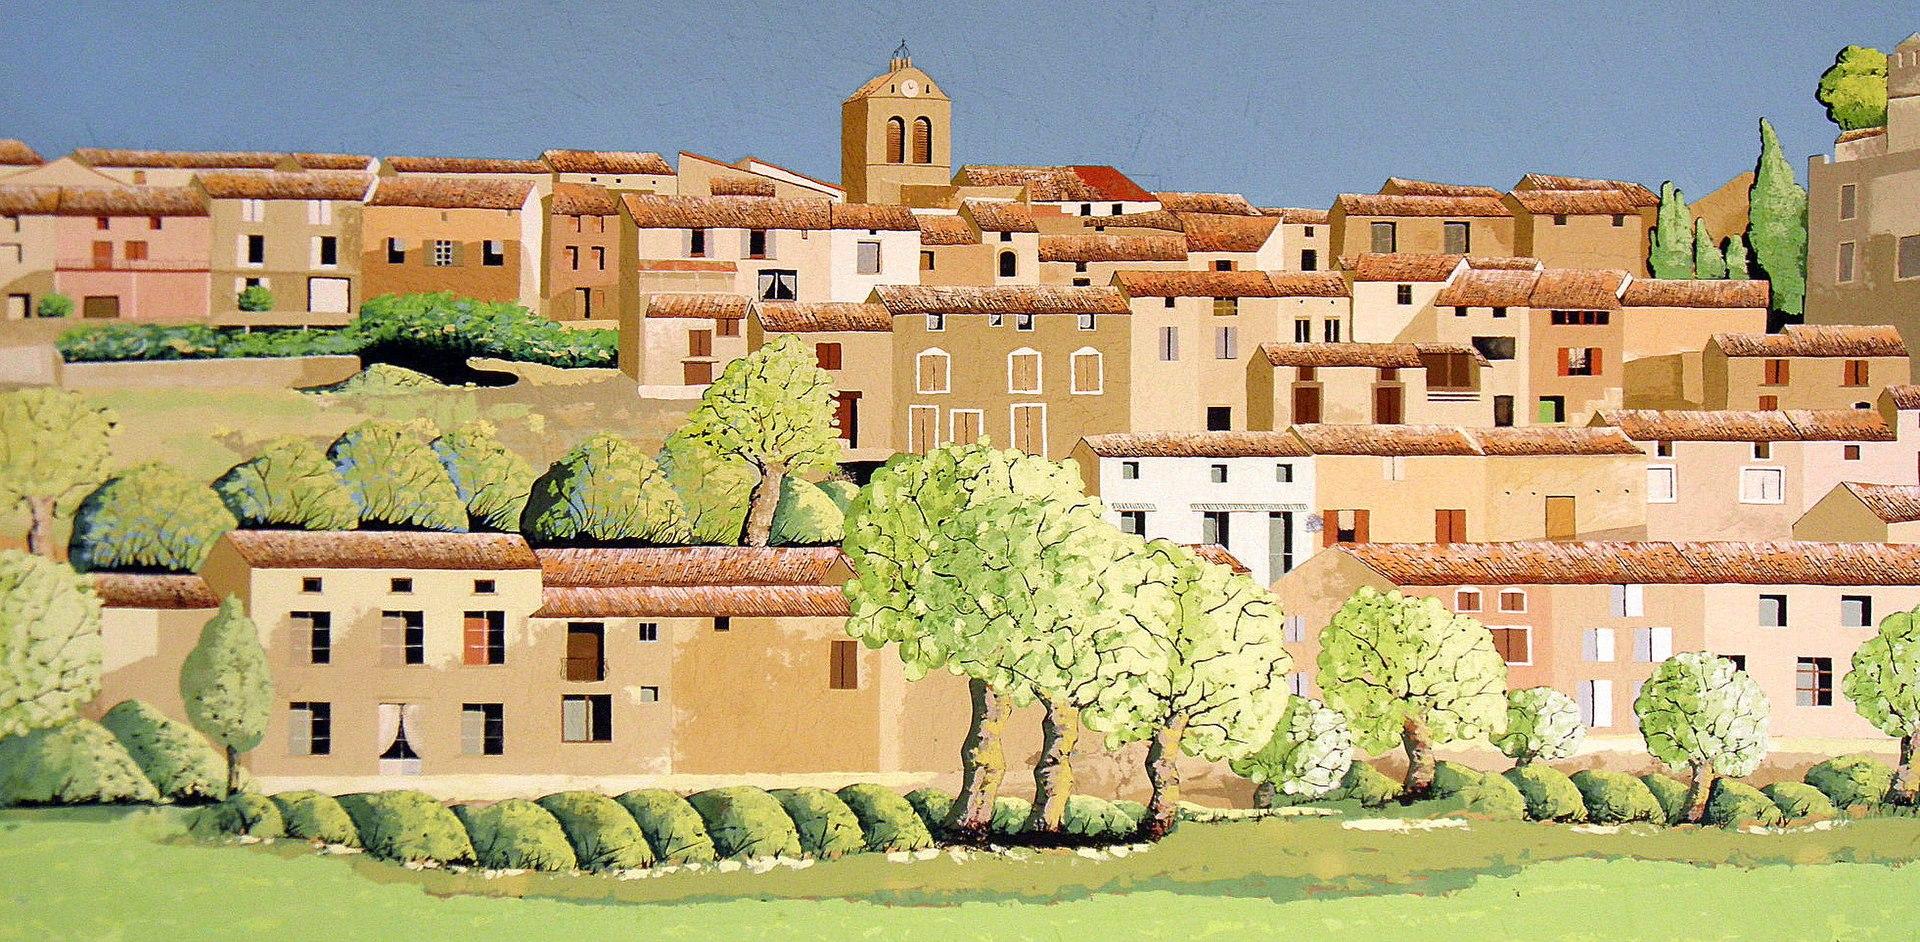 Fresque représentant le village de Raissac-sur-Lampy.